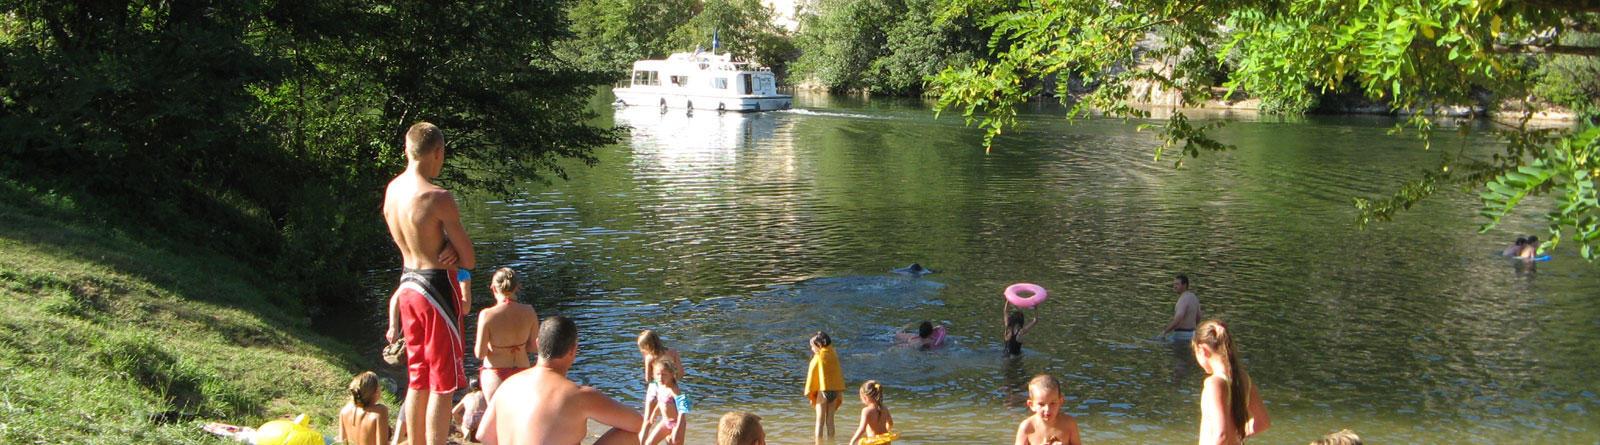 Inf'eau Loisirs - Info sur la qualité des eaux de loisirs